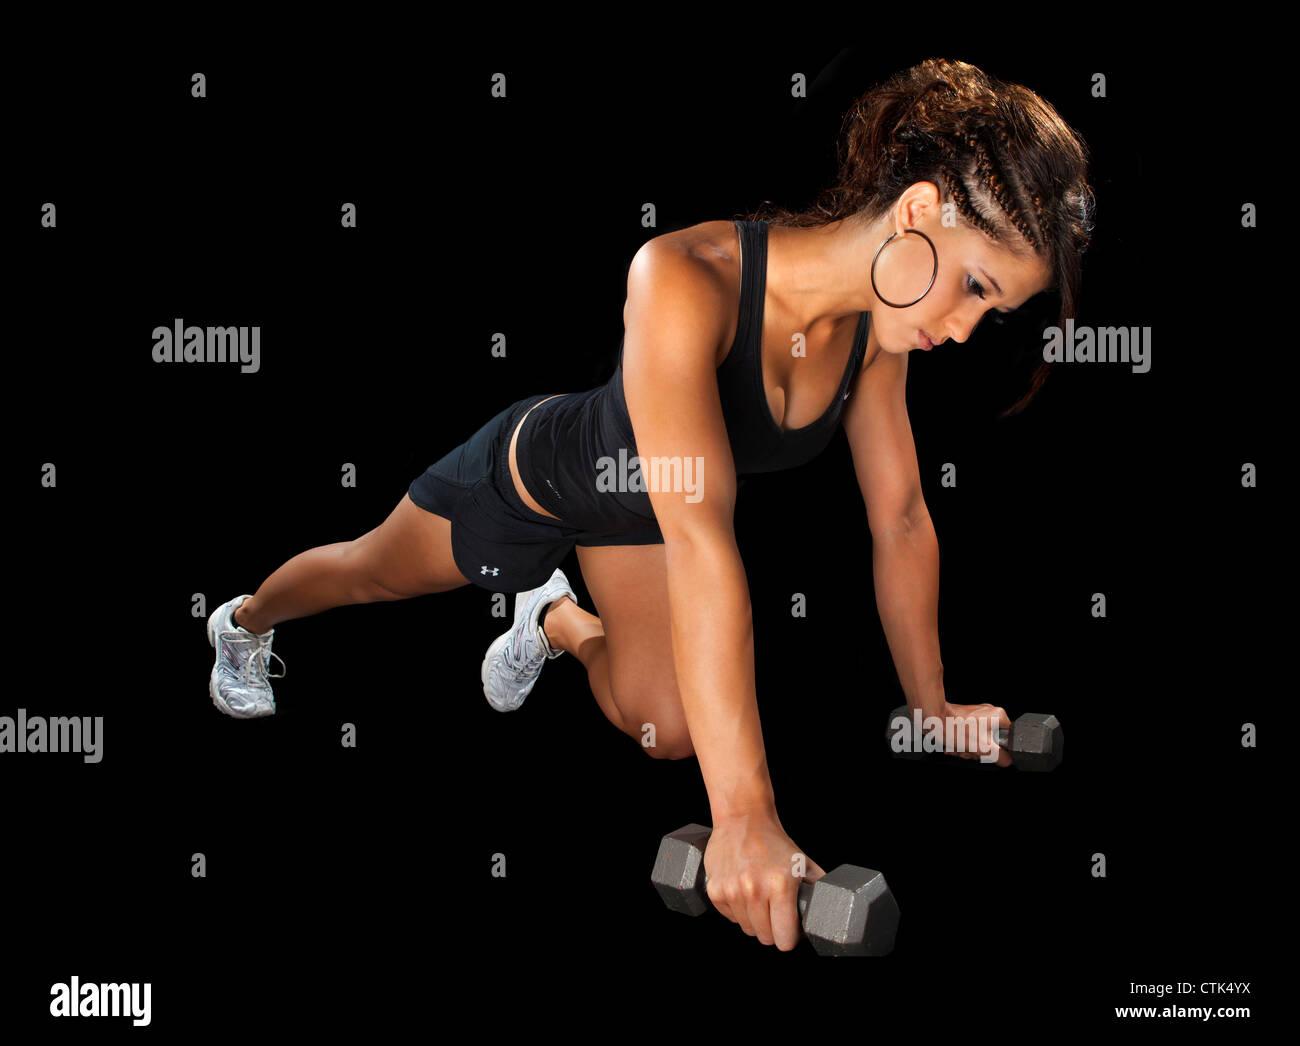 Esercizio ballerino fitness facendo premere su esercizio con pesi modello sport su sfondo nero studio illuminazione. Immagini Stock